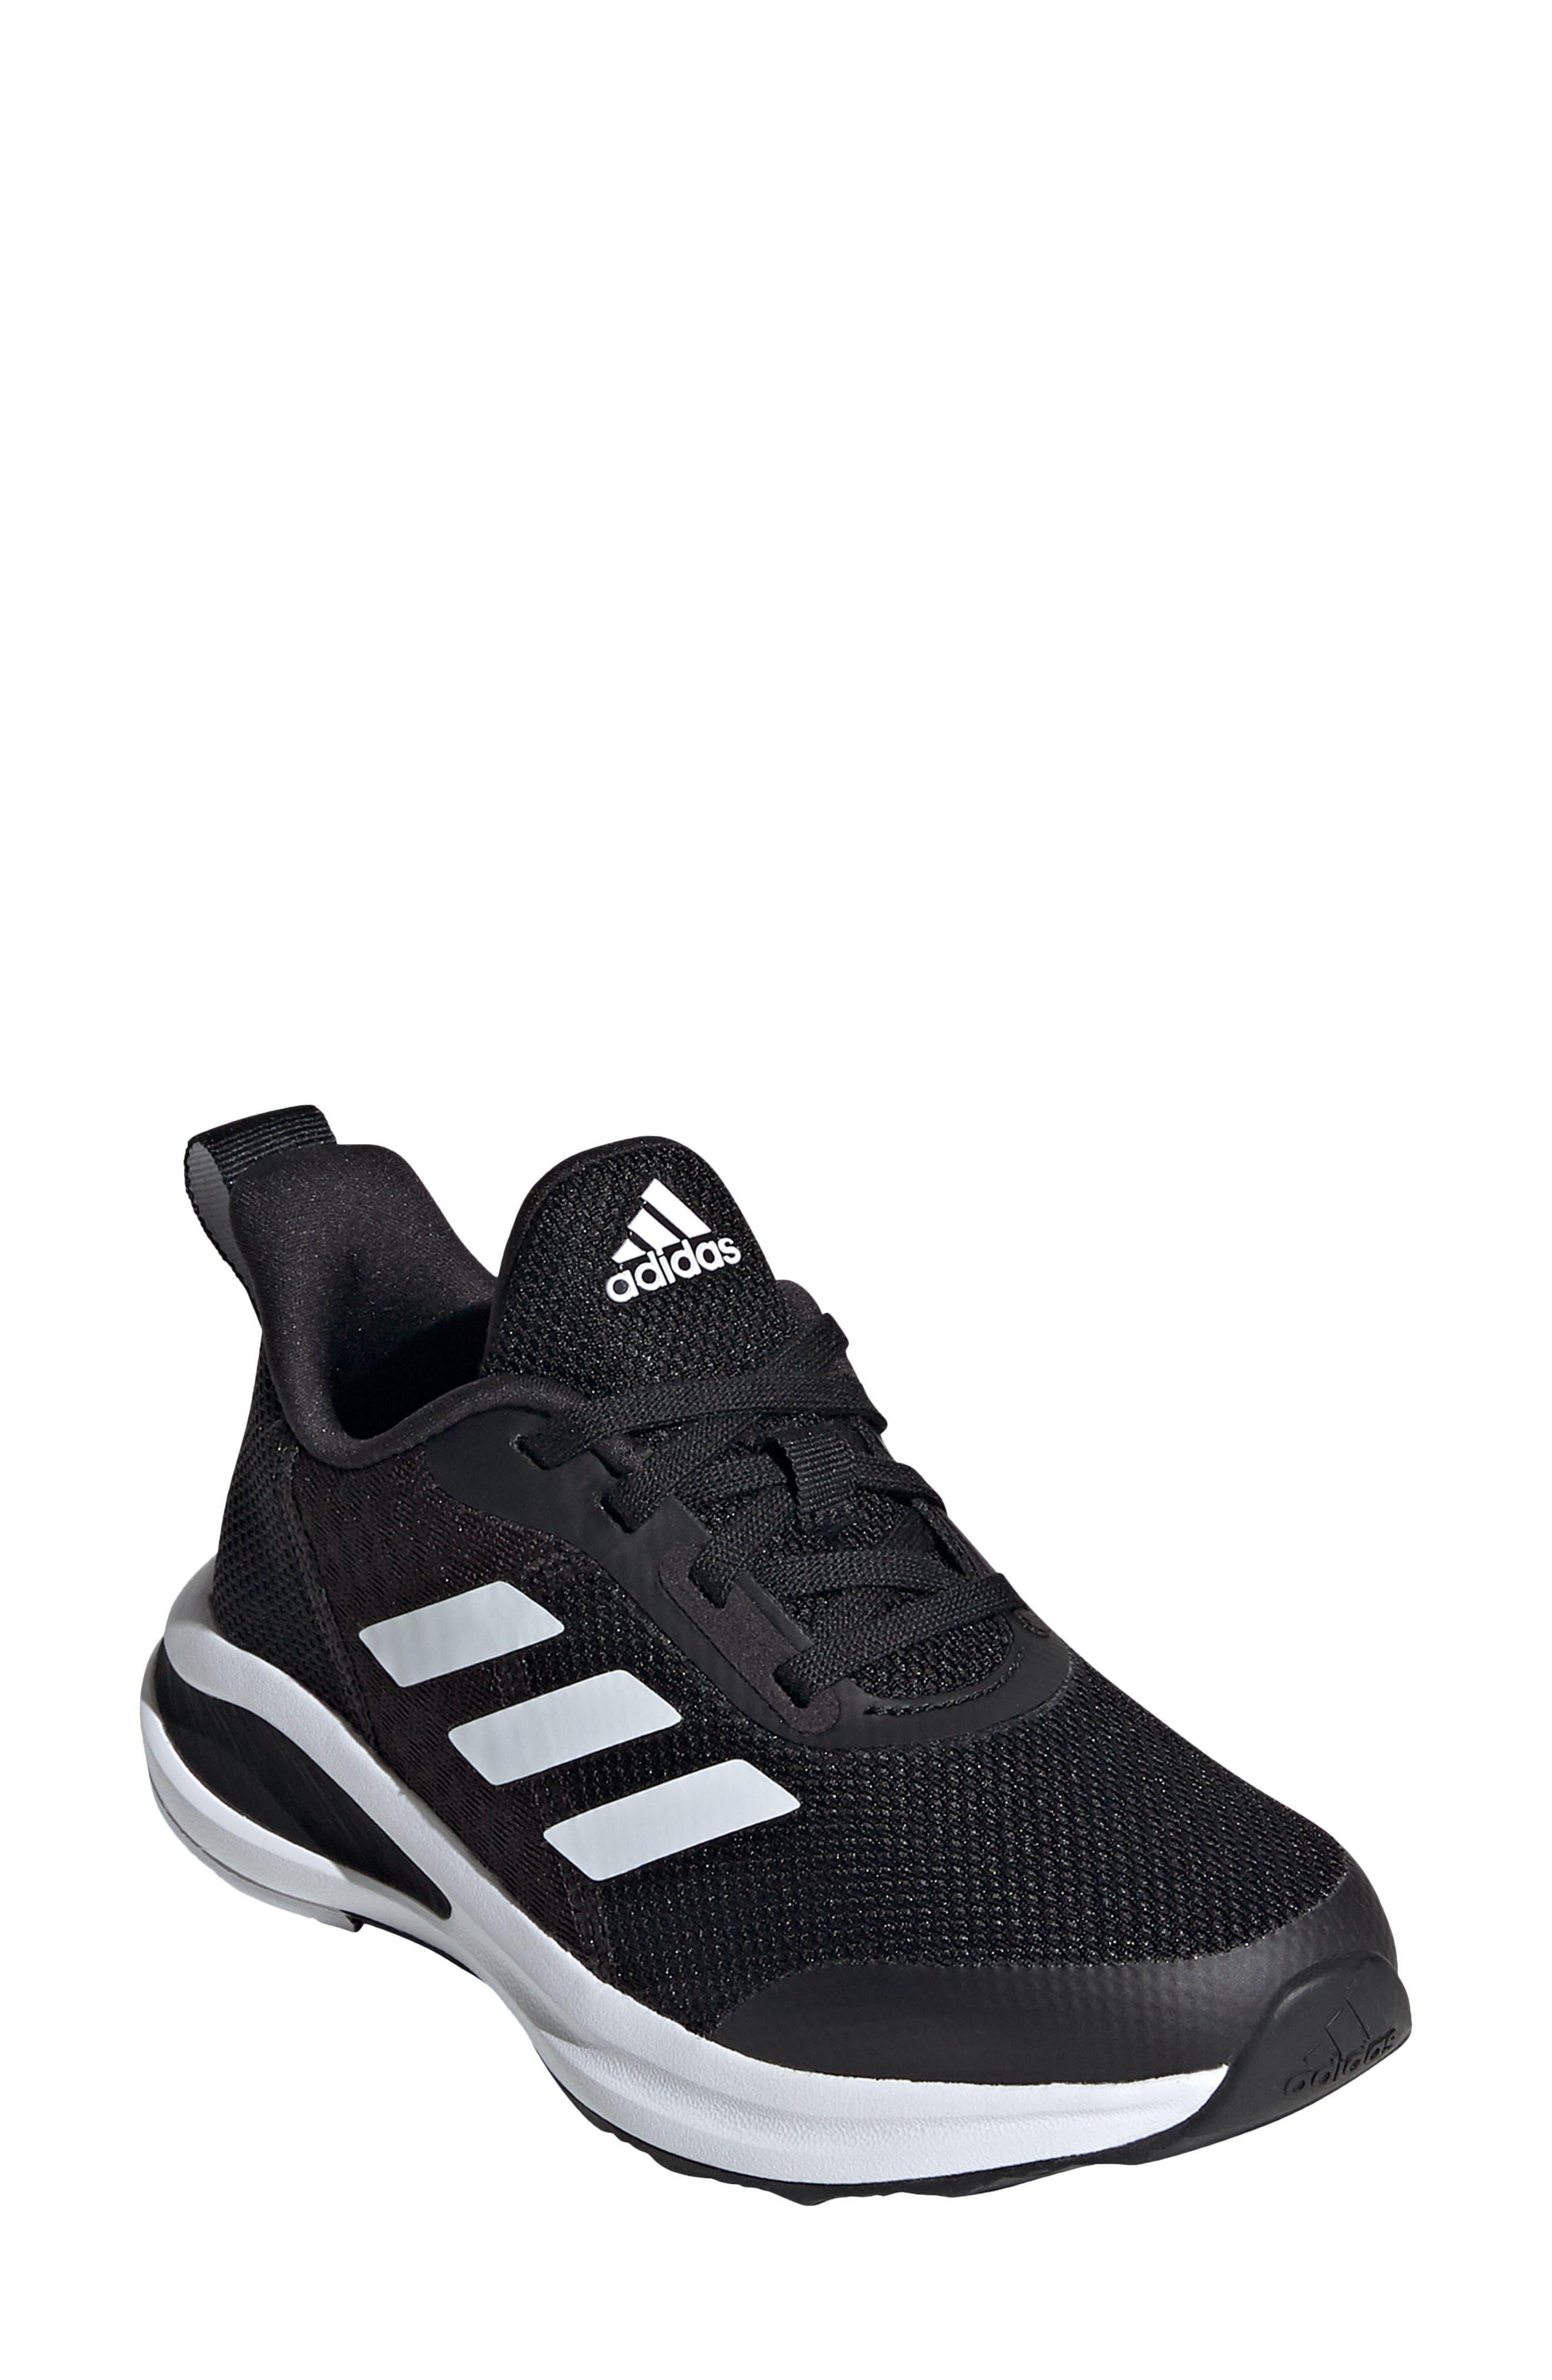 Adidas Fortarun 2020 Running Shoe (Toddler, Little Kid & Big Kid) | Nordstrom